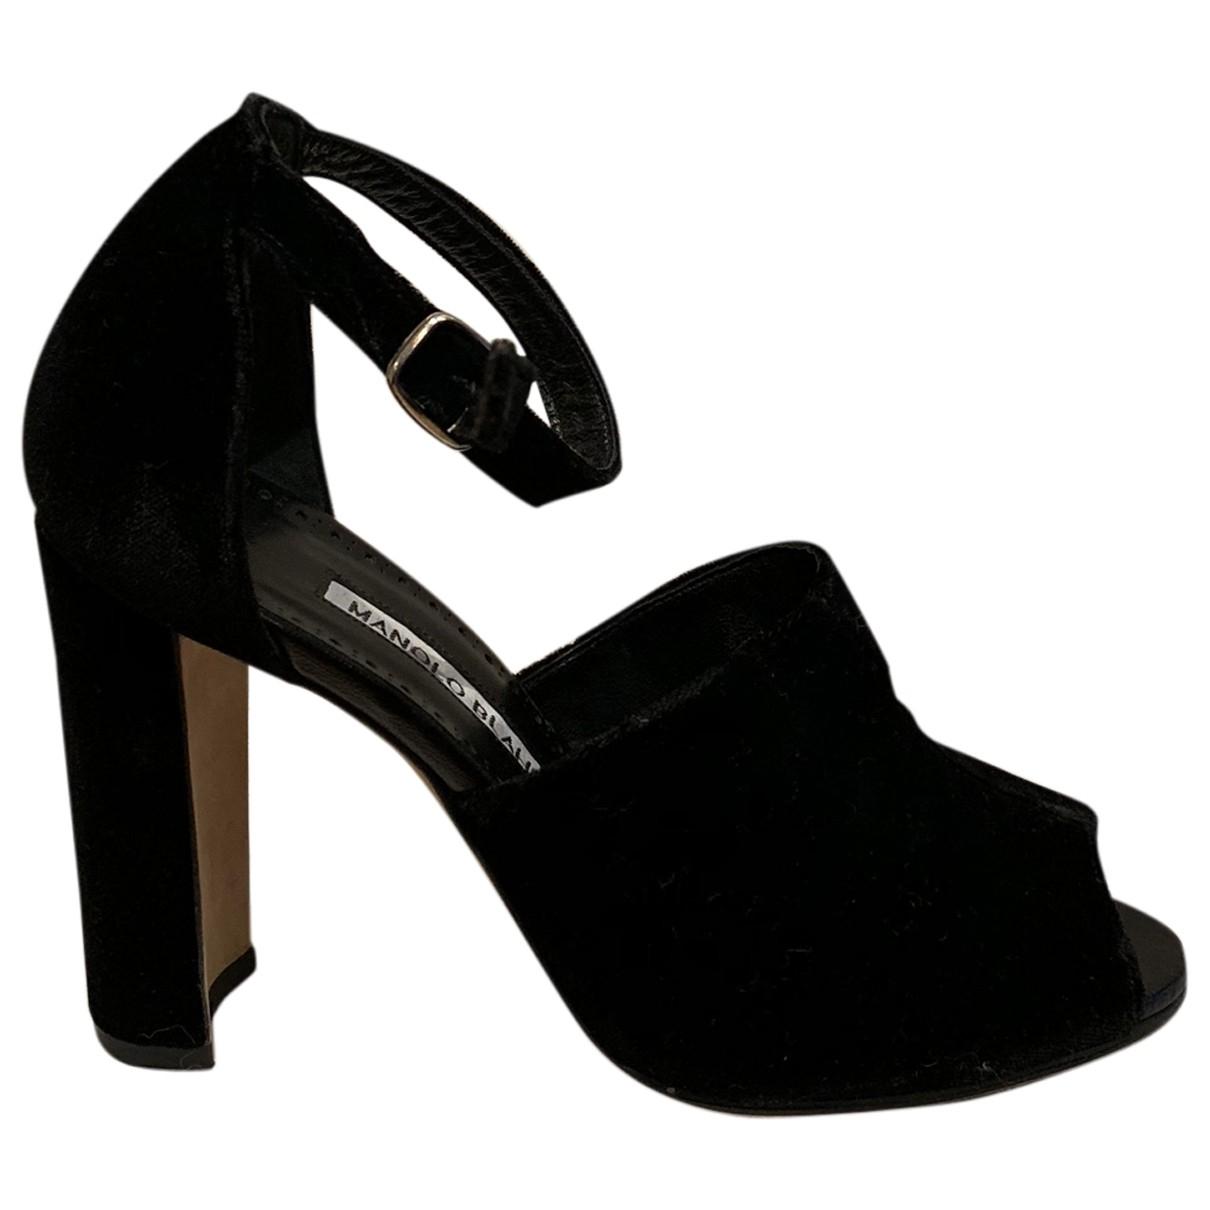 Sandalias de Terciopelo Manolo Blahnik